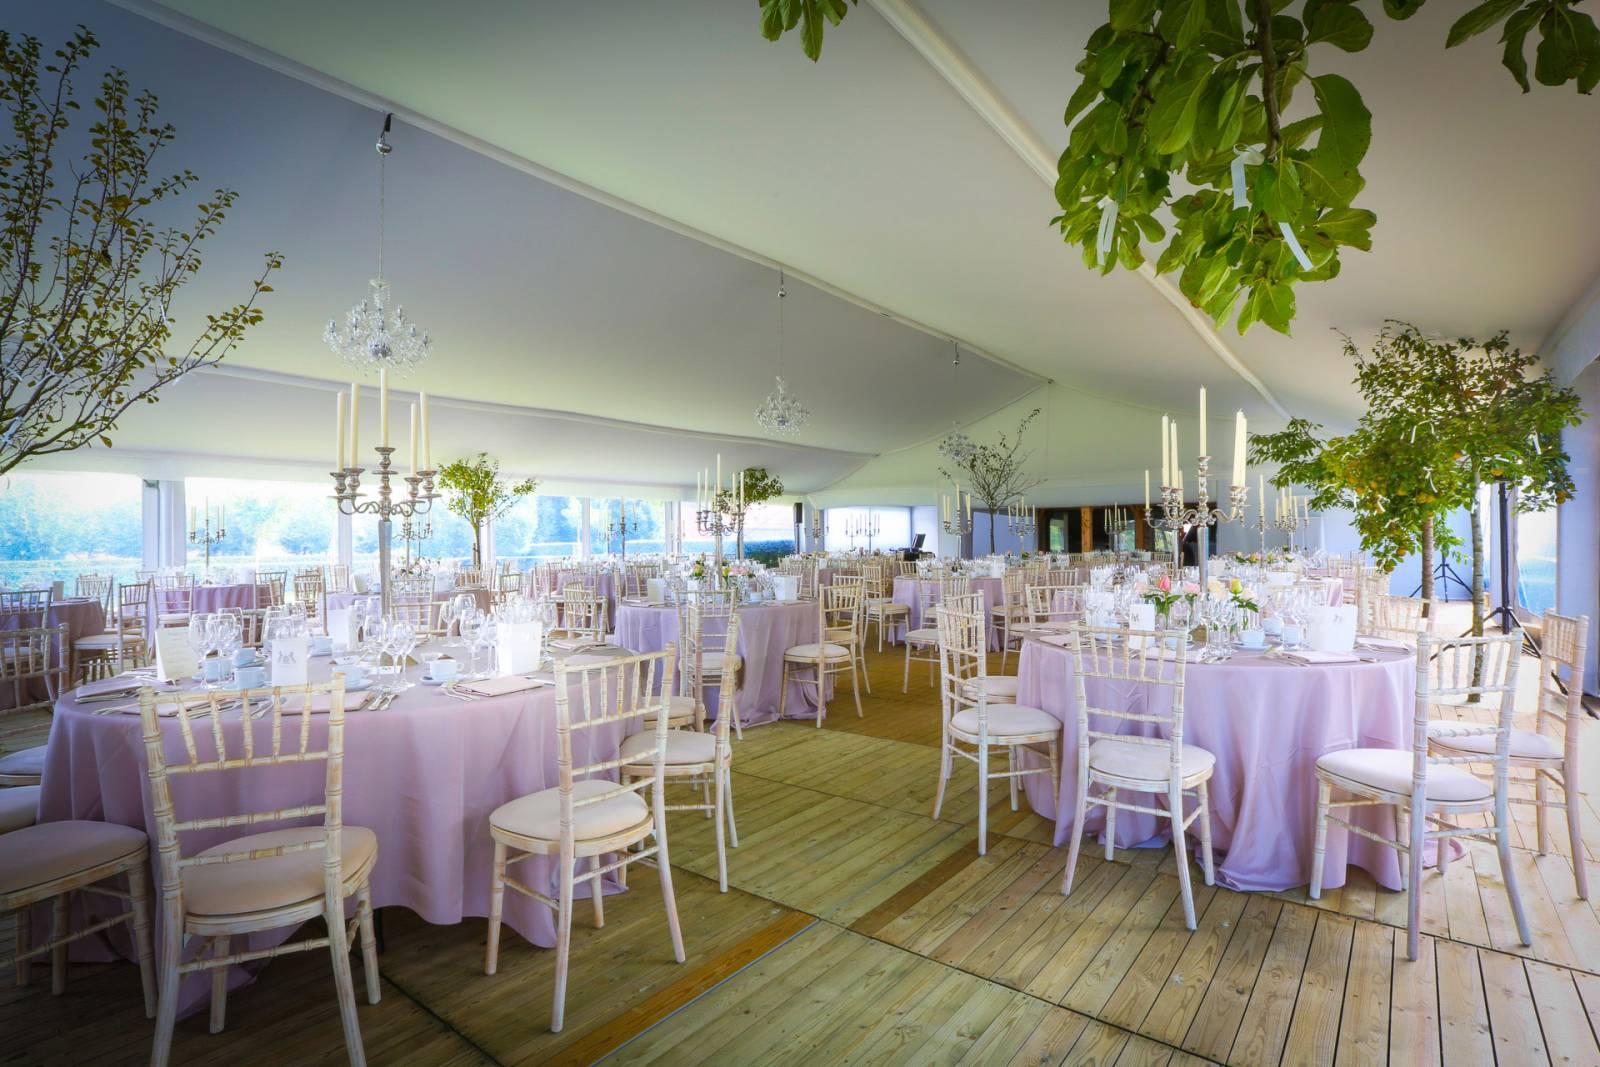 Europatenten Mei 2017 - House of Weddings -04